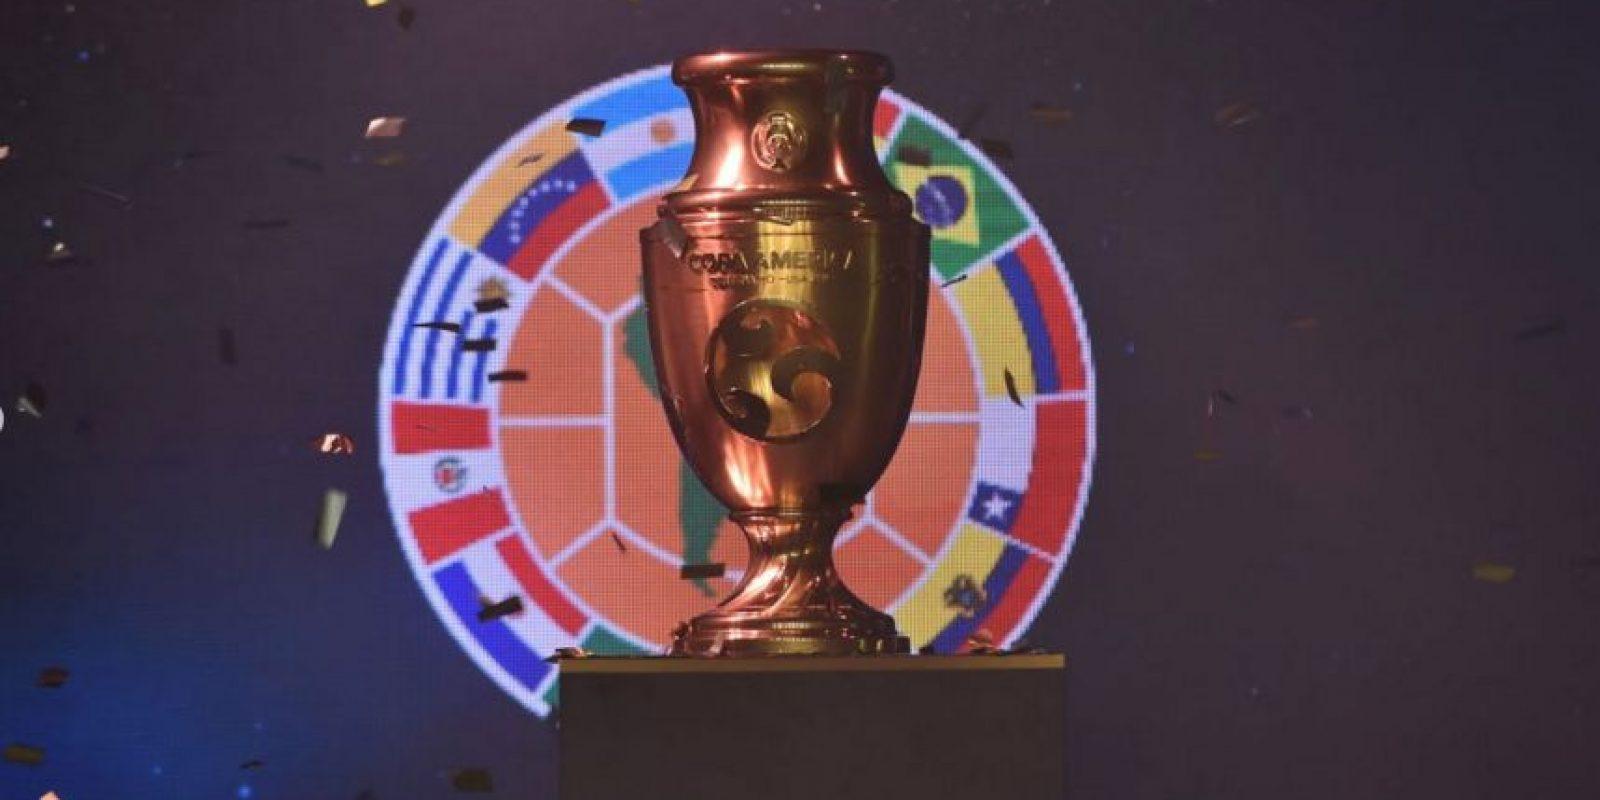 El inédito trofeo de la Copa América Centenario busca dueño Foto:Conmebol.com